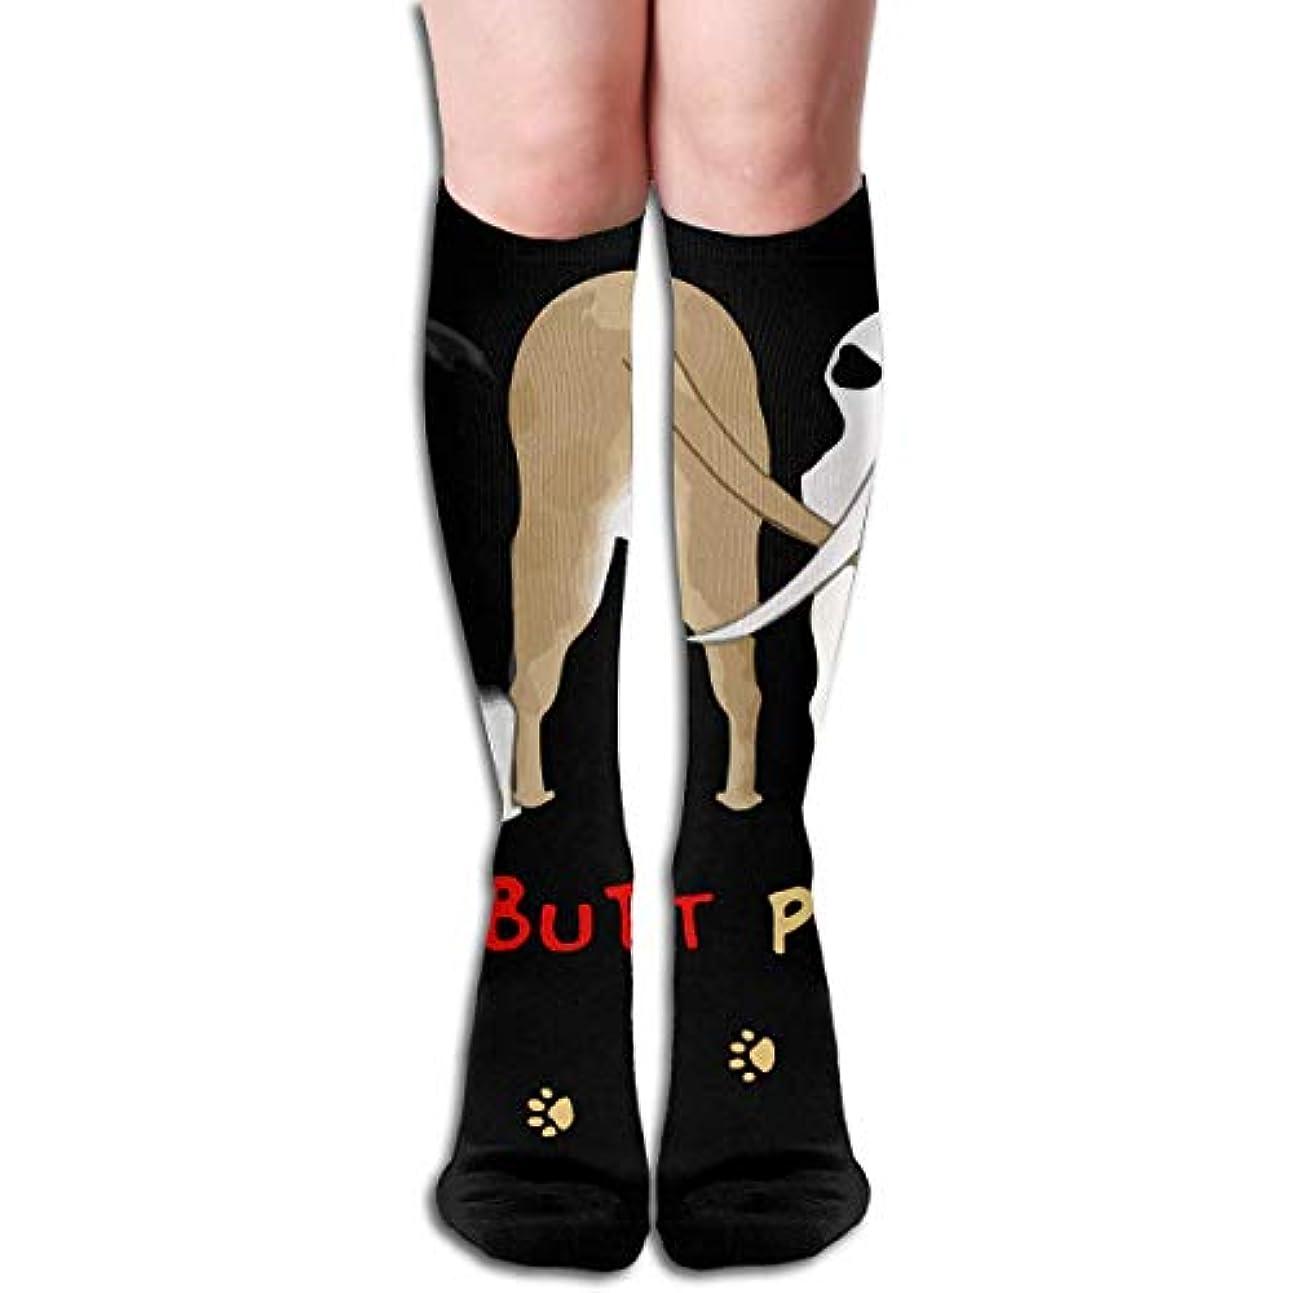 穀物可聴給料qrriy女性のnothin '尻ピットブルズソフトクリスマス膝ハイスストッキングスリッパソックス、クリスマス楽しいカラフルな靴下